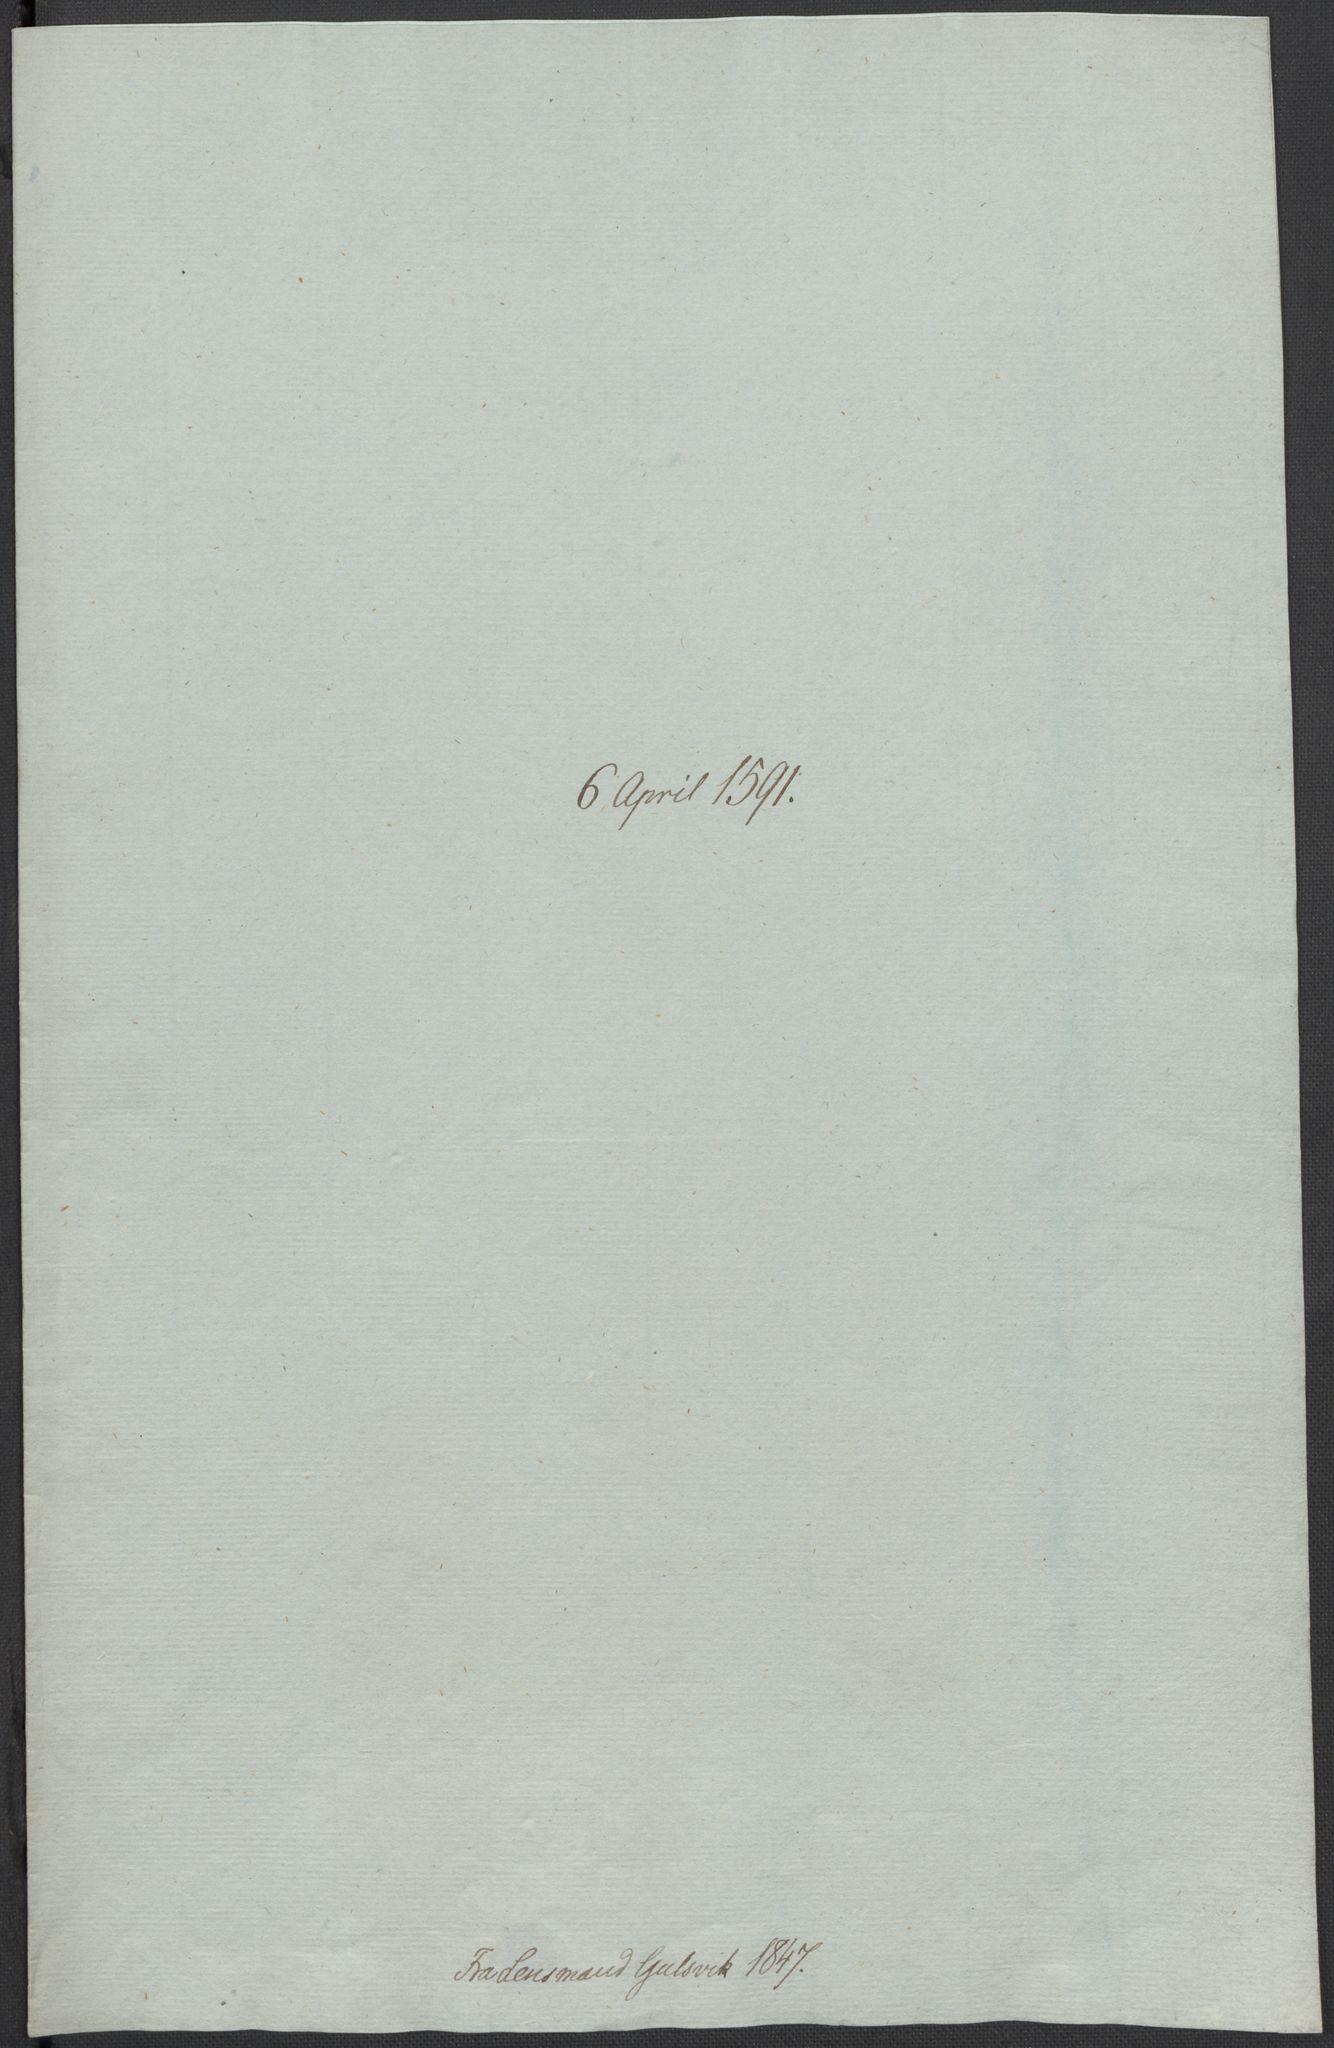 RA, Riksarkivets diplomsamling, F02/L0093: Dokumenter, 1591, s. 64